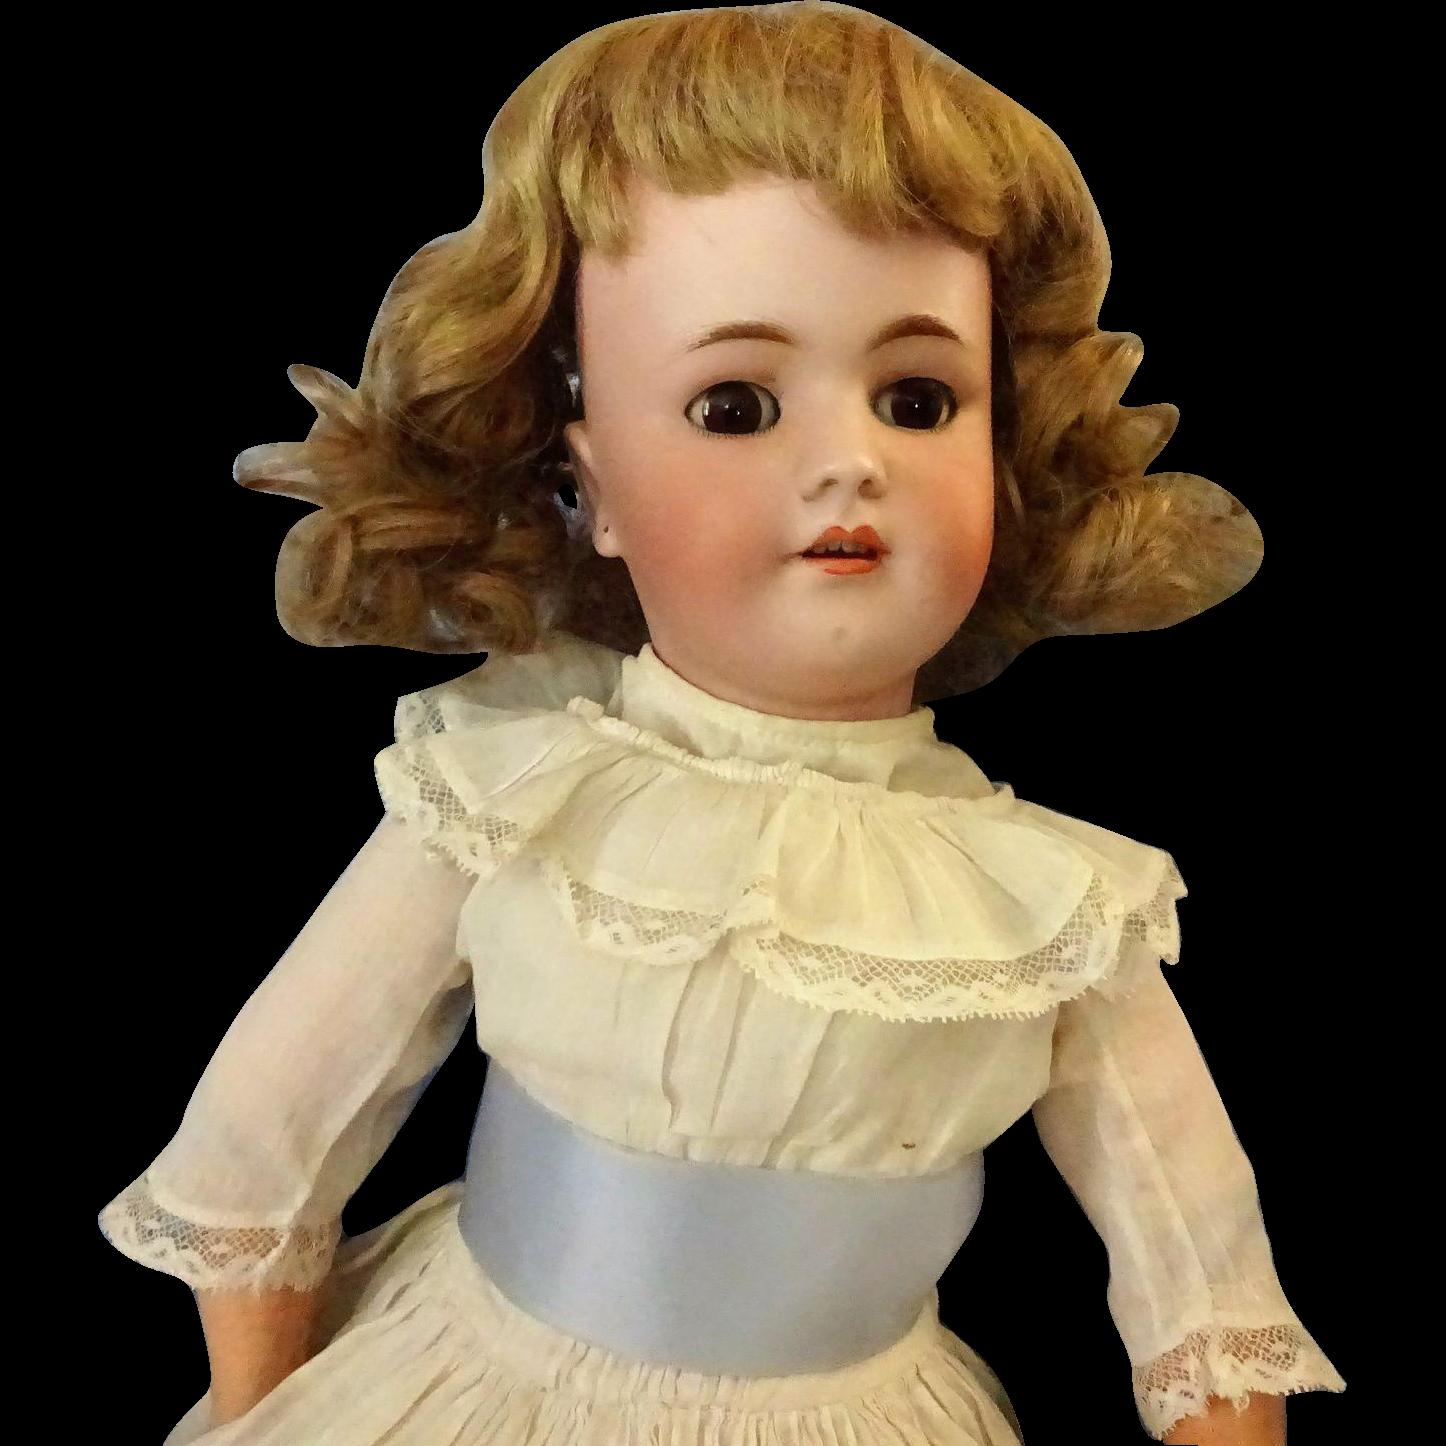 German Heinrich  Handwerk  Simon  Halbig Bisque Doll